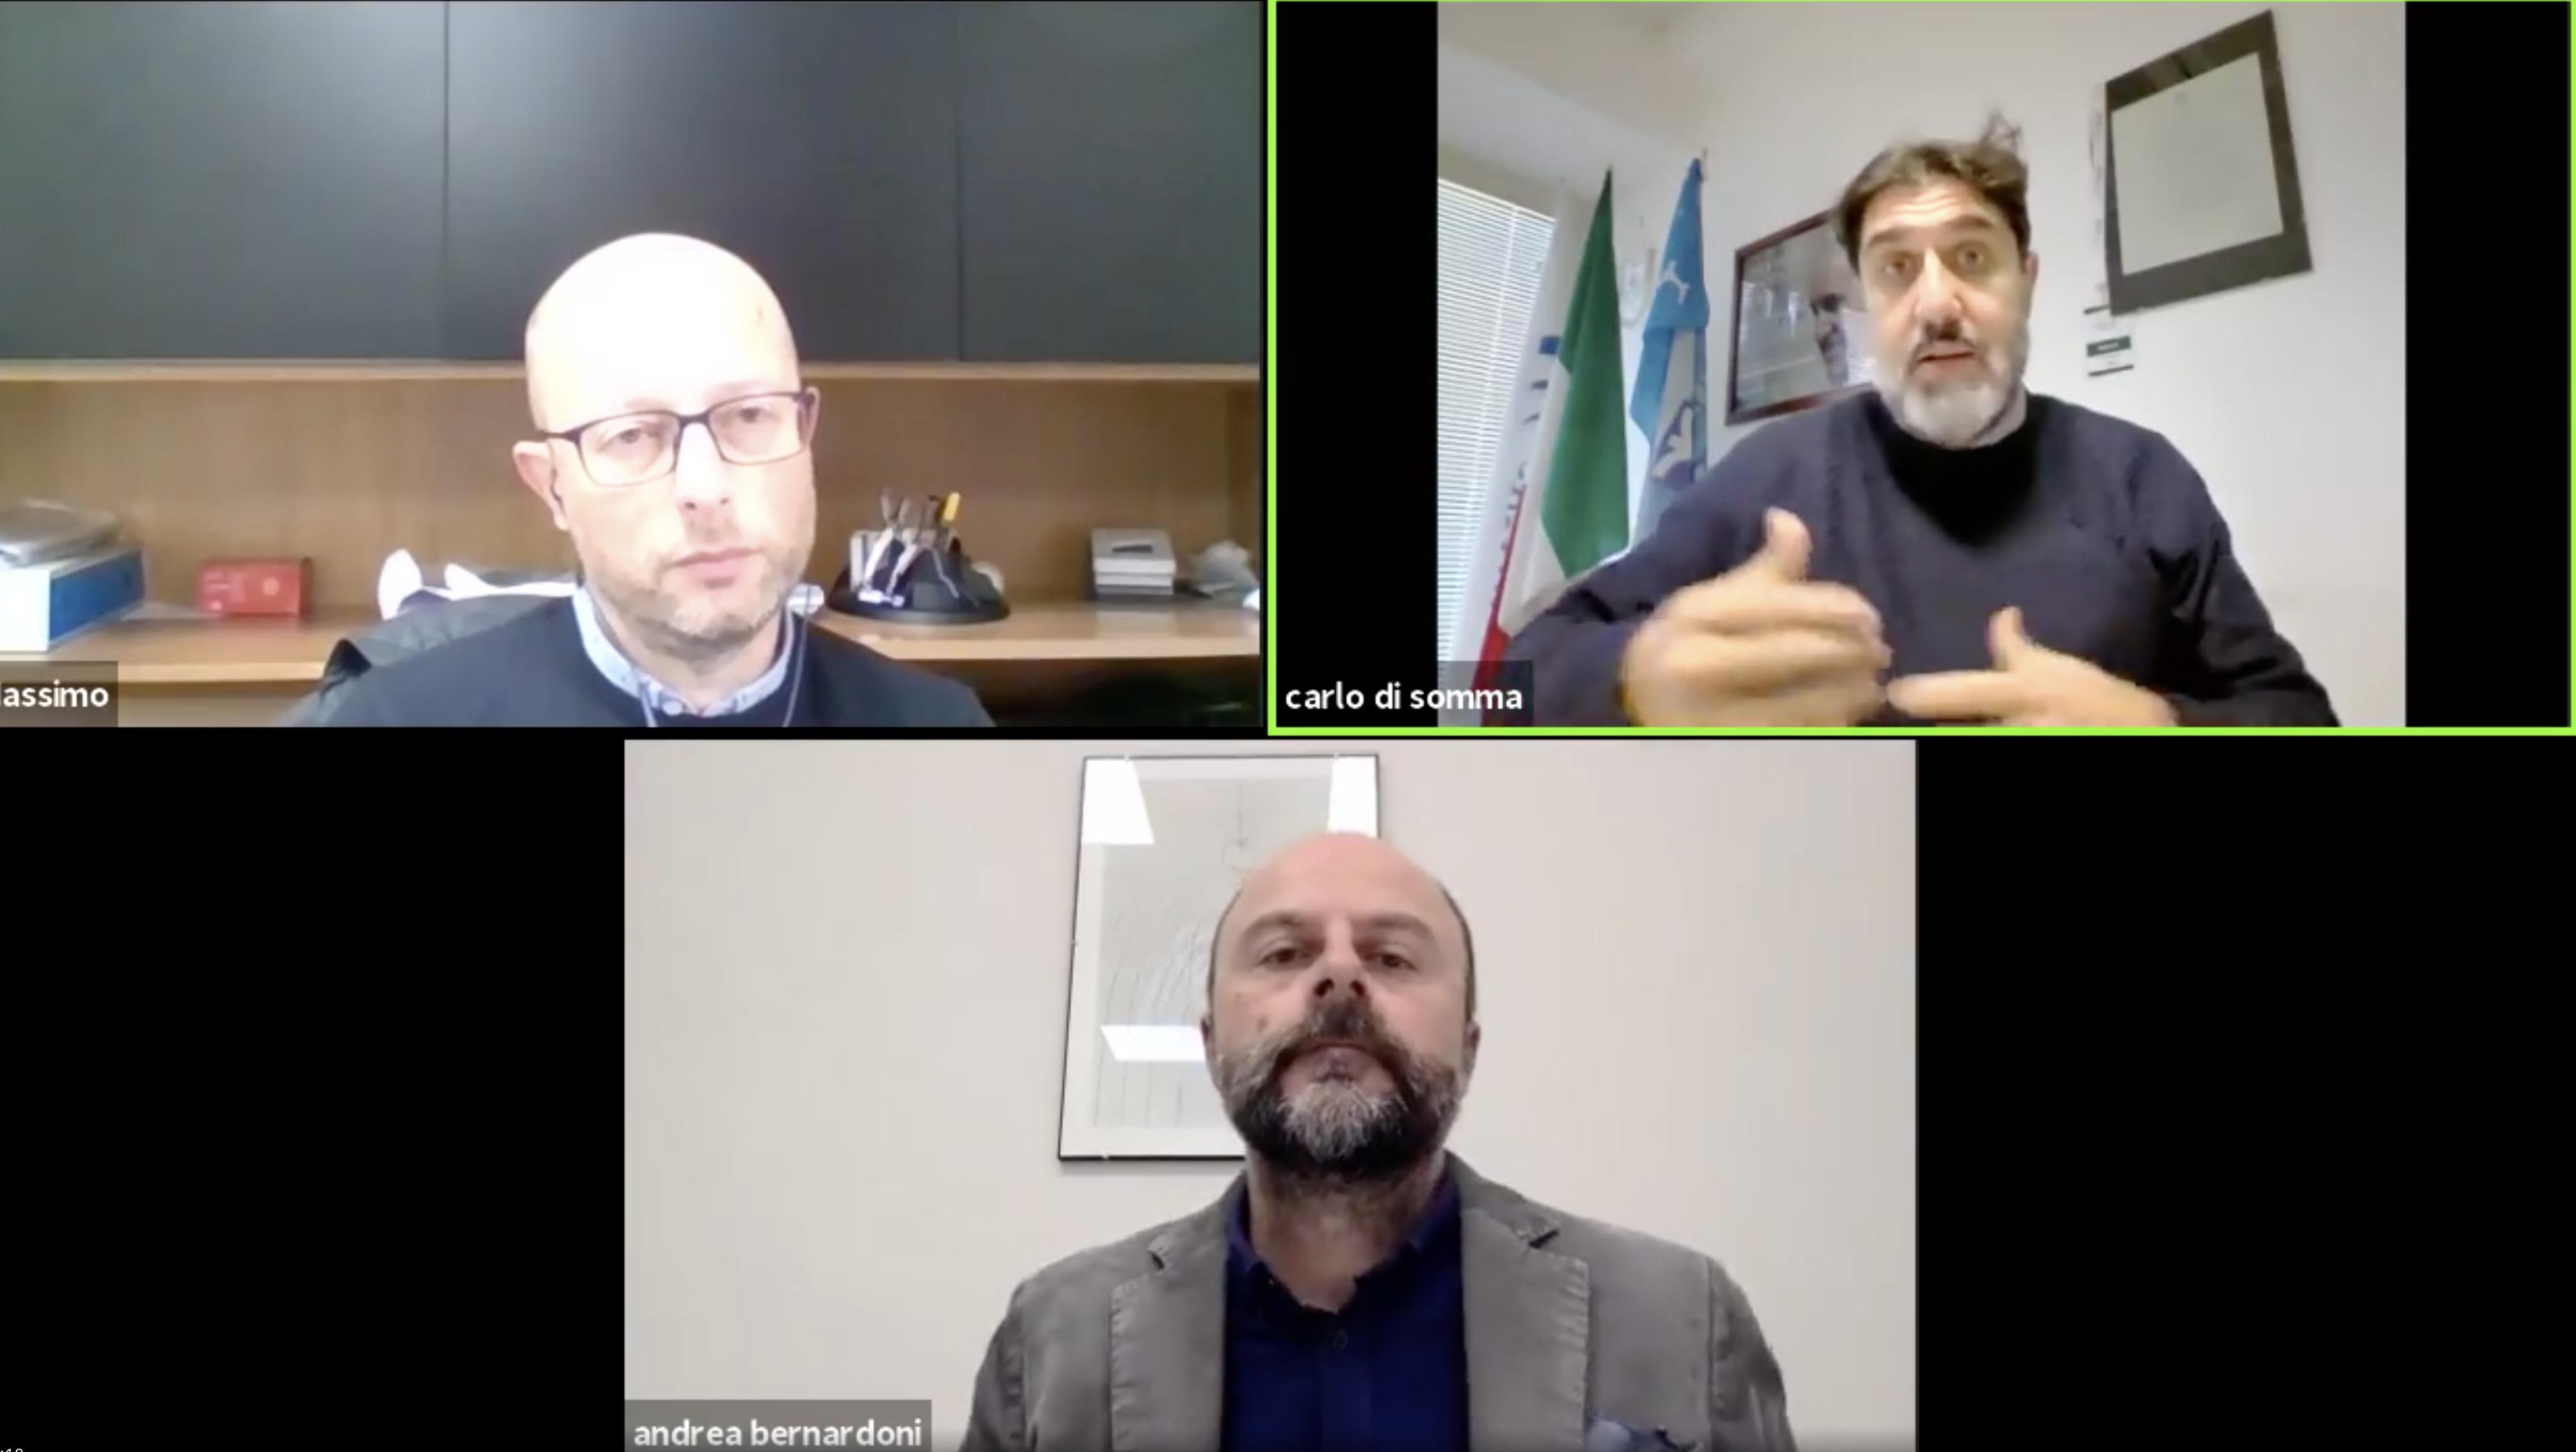 Cooperazione sociale: positivo l'incontro con la Regione Umbria – Annunciata la predisposizione di un apposito fondo